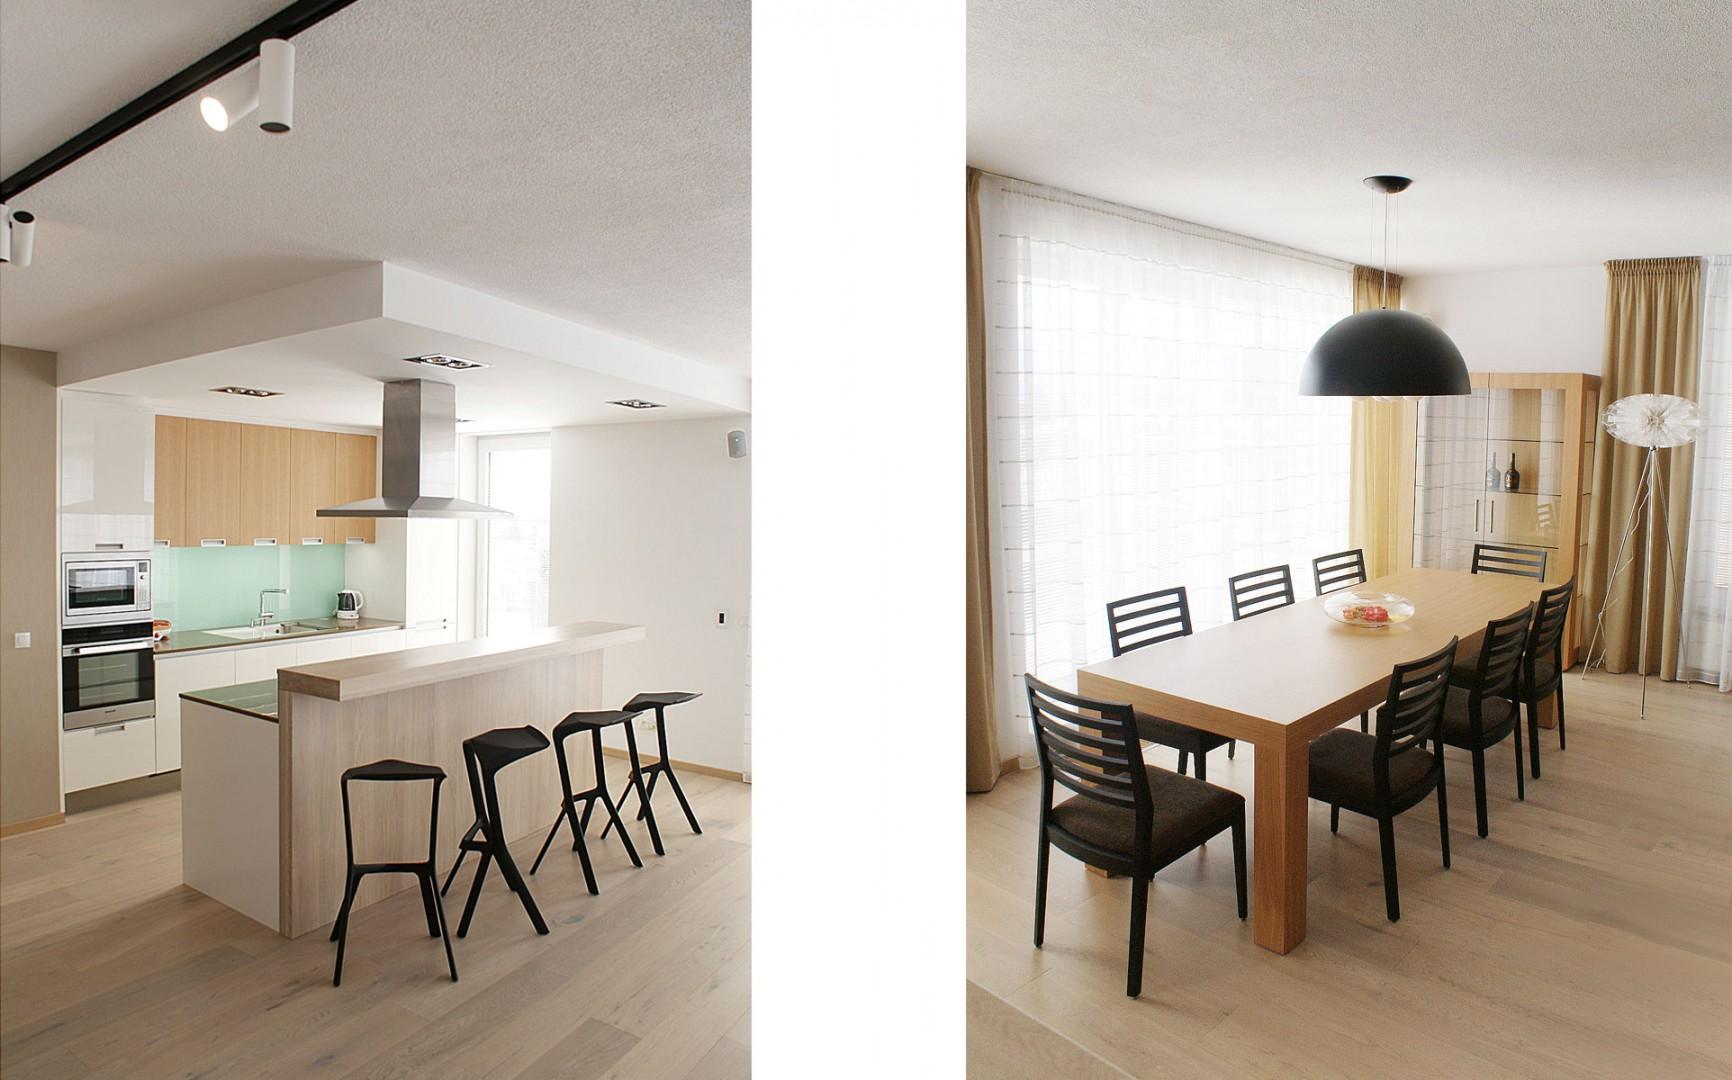 Návrh a realizácia interiéru bytu Zvolen, výroba nábytku Zvolen, kuchyňa na mieru Zvolen